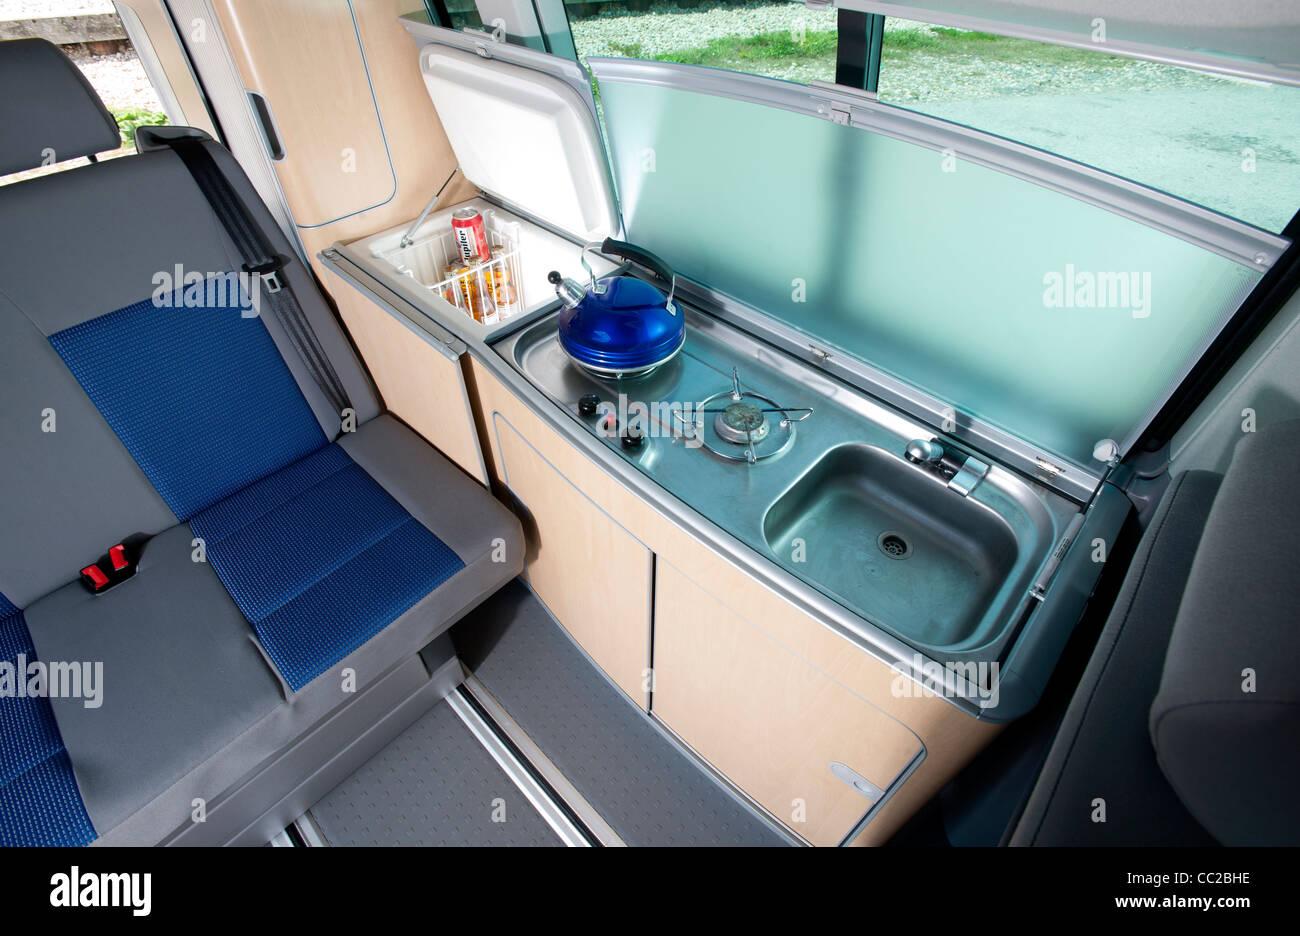 Volkswagen Vw T5 California Camper Van Interior Stock Photo Alamy